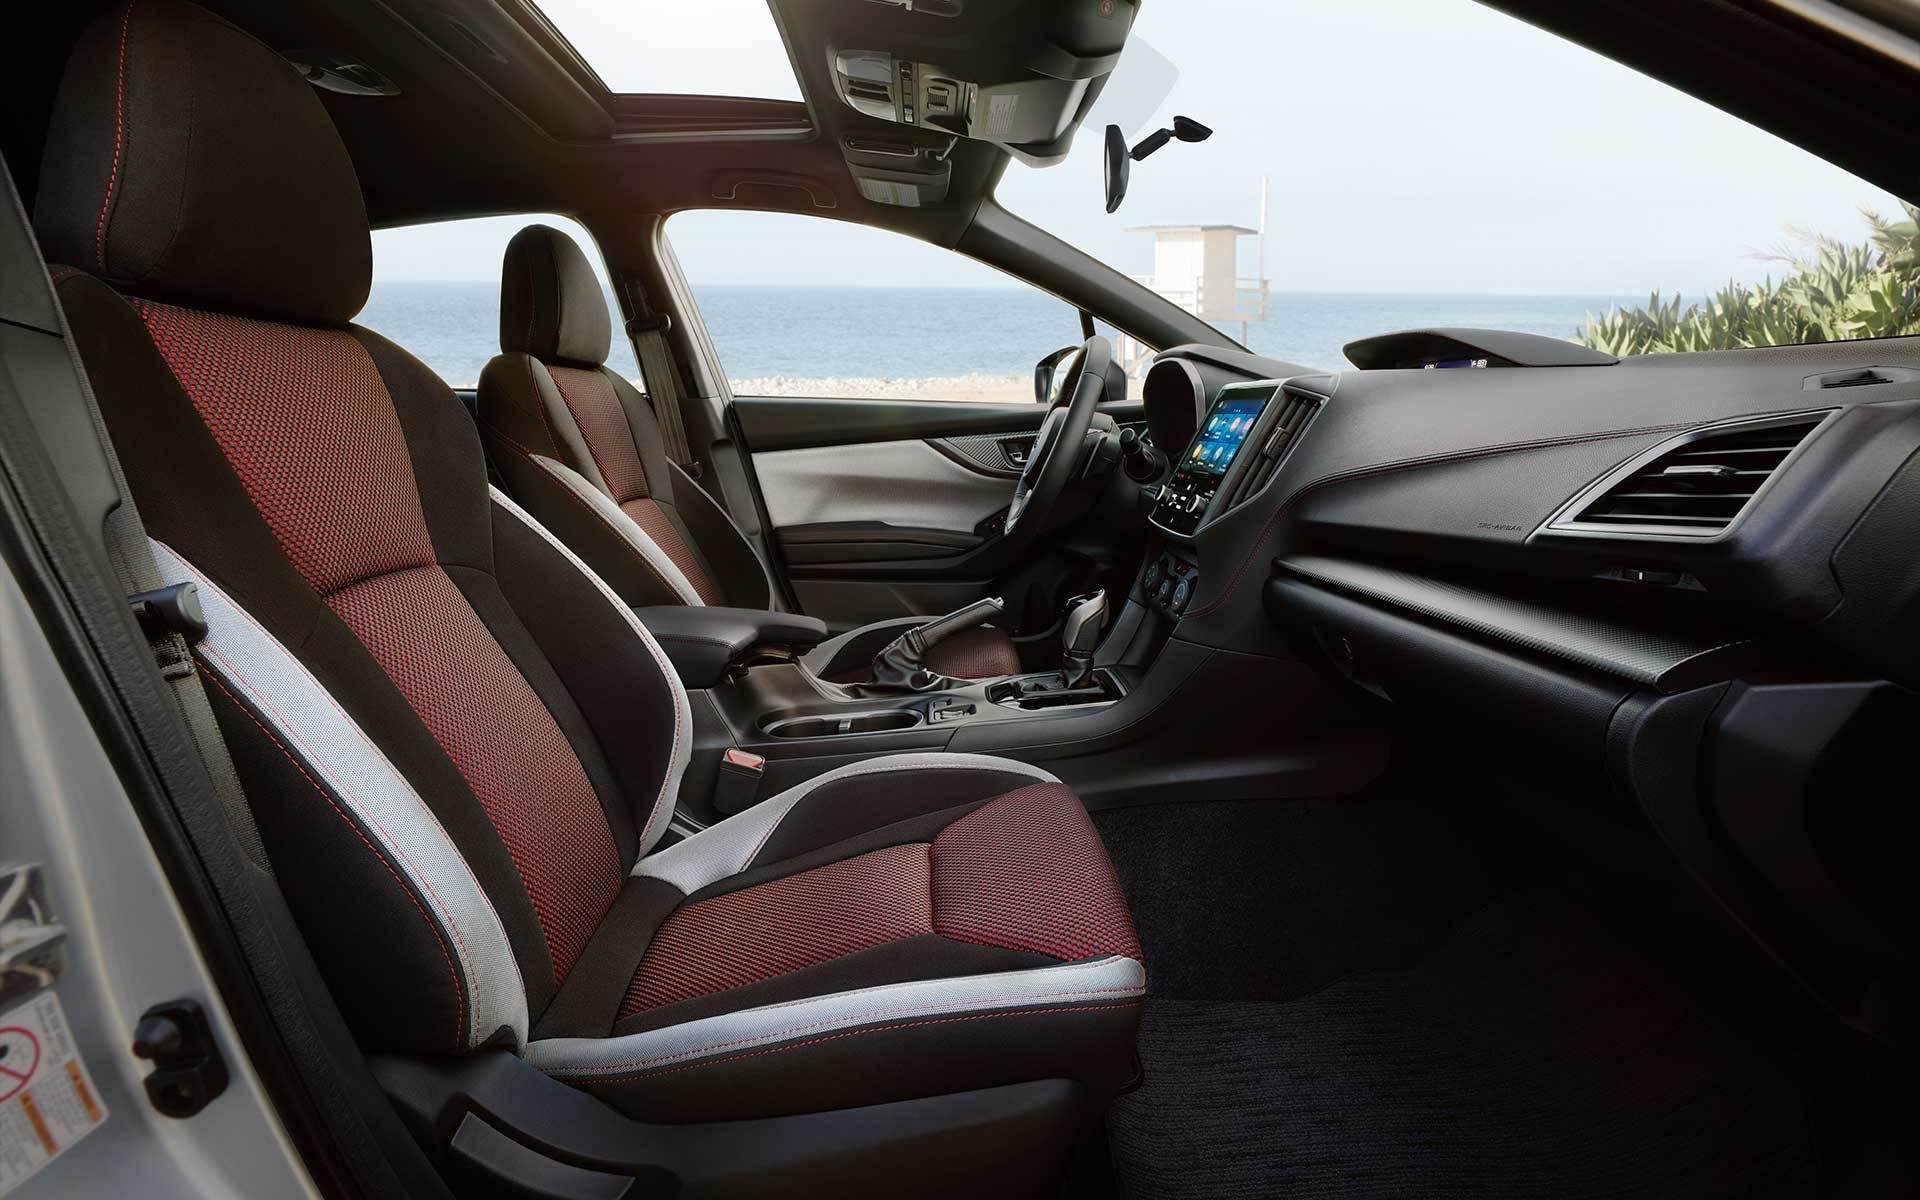 2021 Subaru Impreza Bergen County NJ